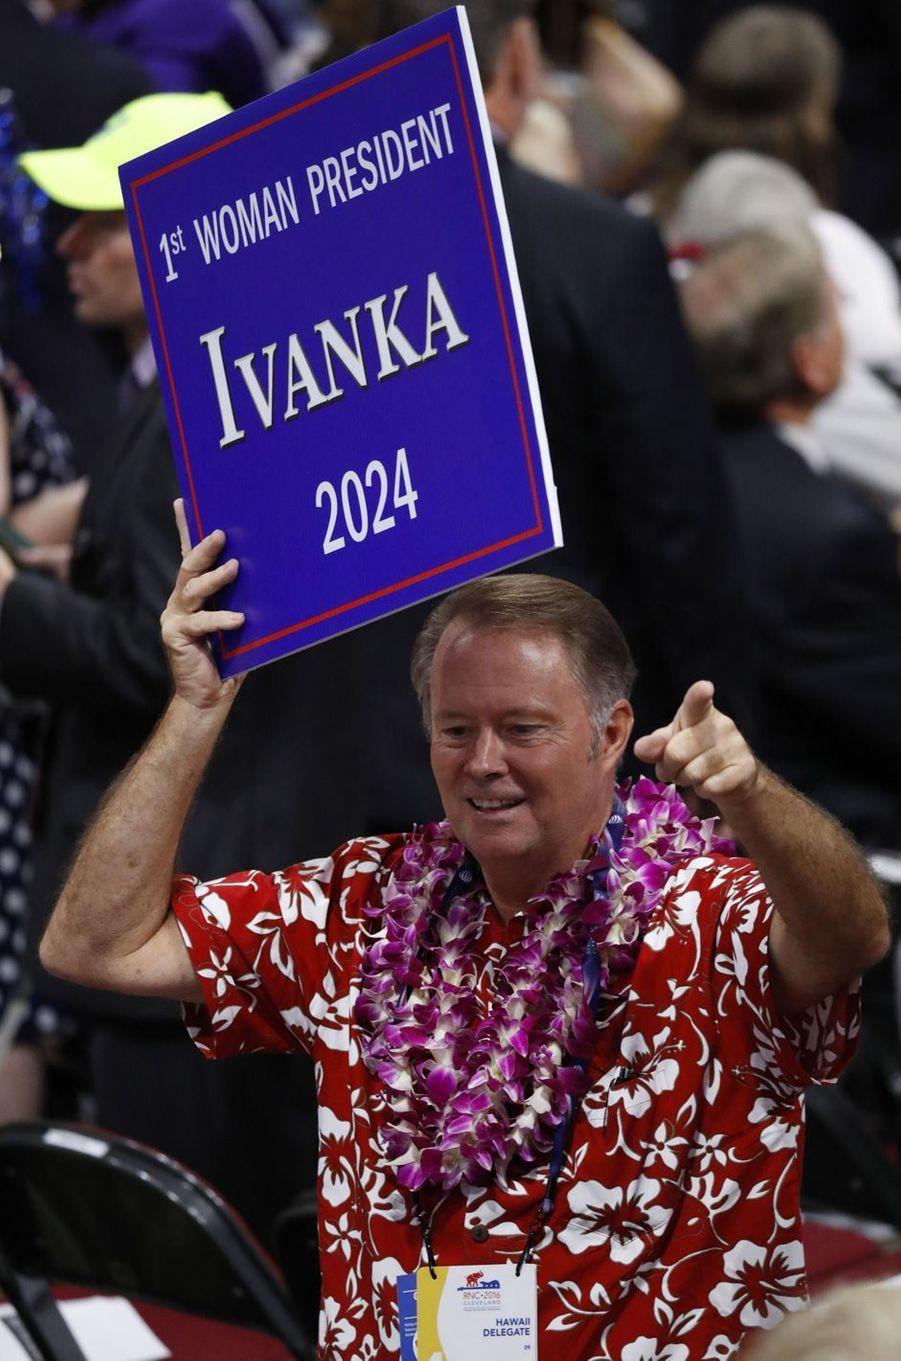 Un panneau «Ivanka 2024» à la convention républicaine, en juillet 2016.